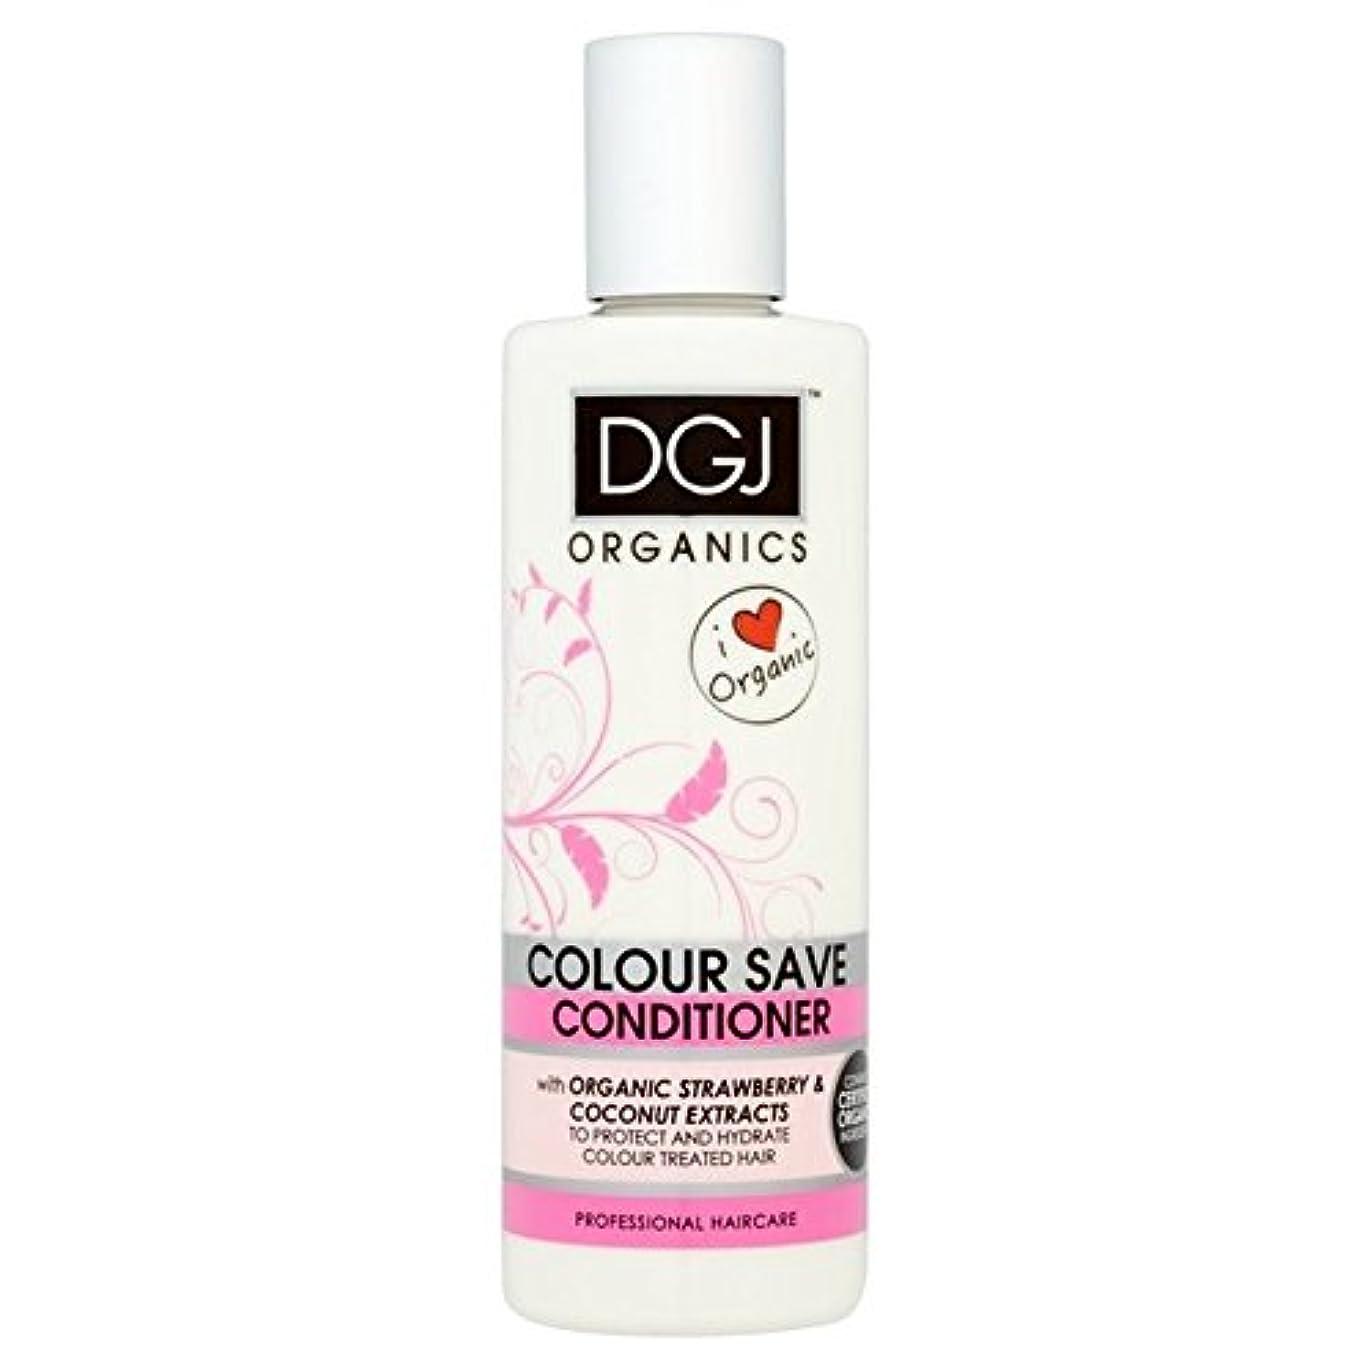 準備する収まるぶら下がるDGJ Organics Colour Save Conditioner 250ml (Pack of 6) - 有機物の色コンディショナー250を保存 x6 [並行輸入品]